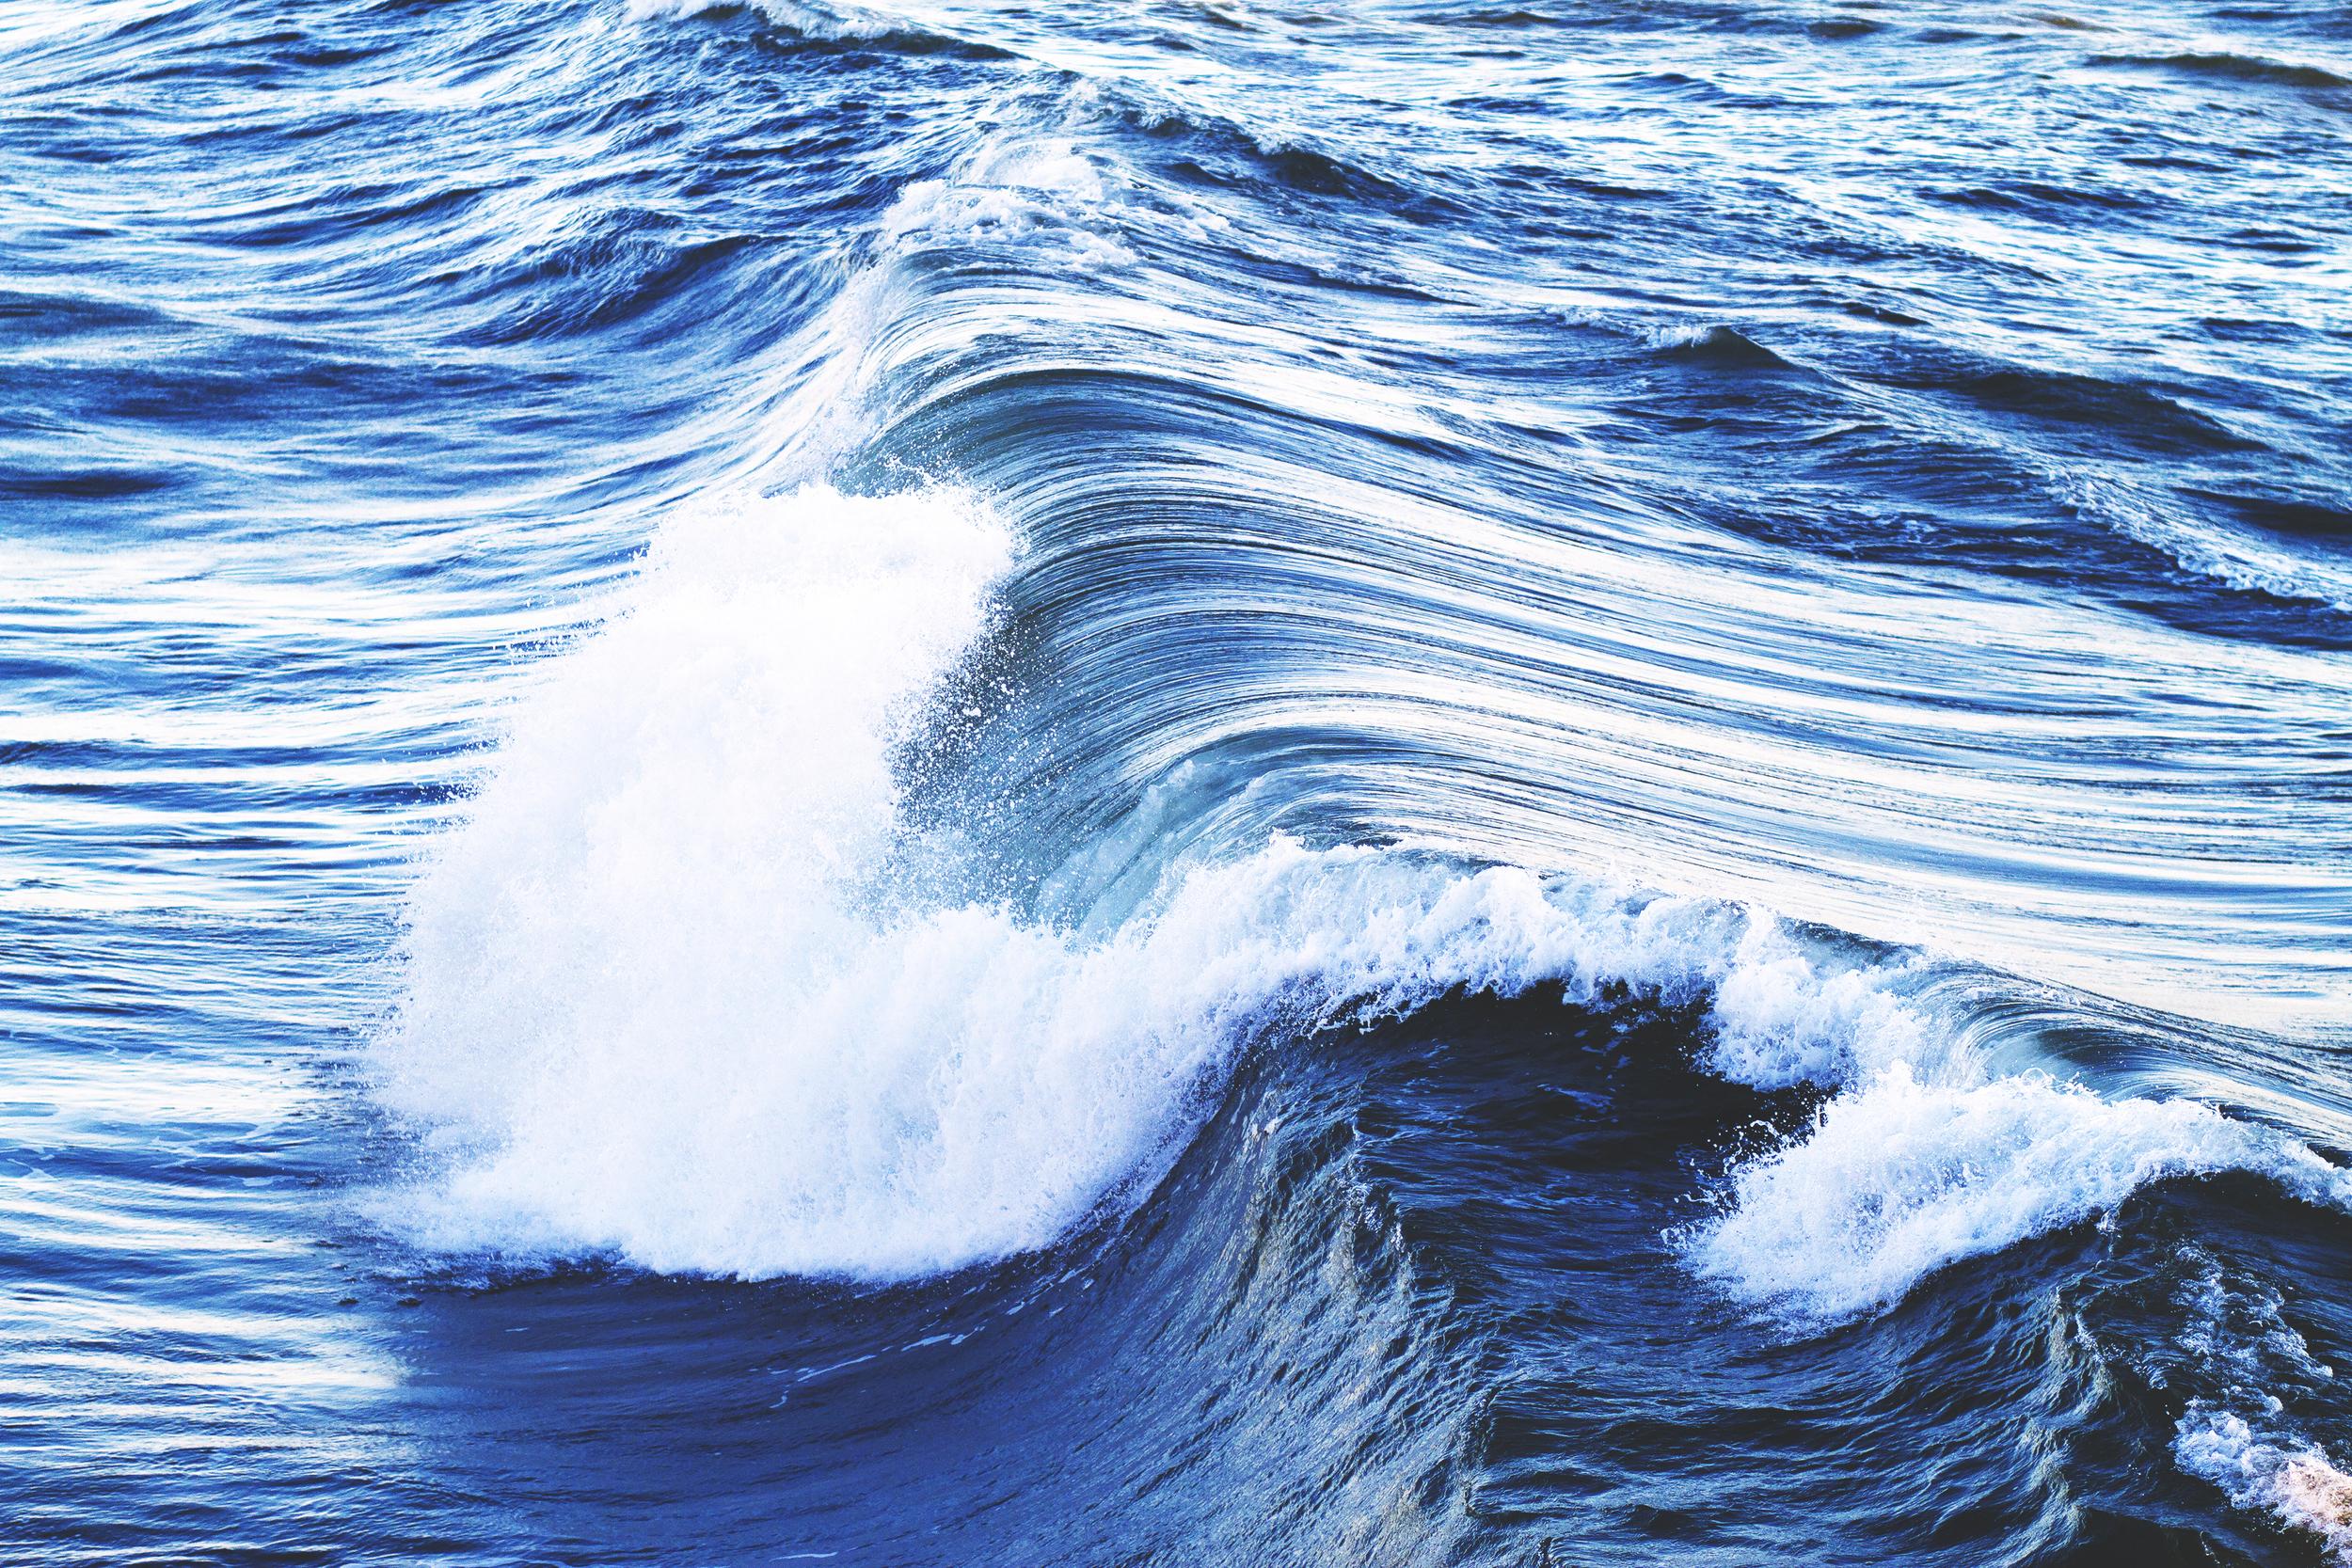 waves #01.jpg